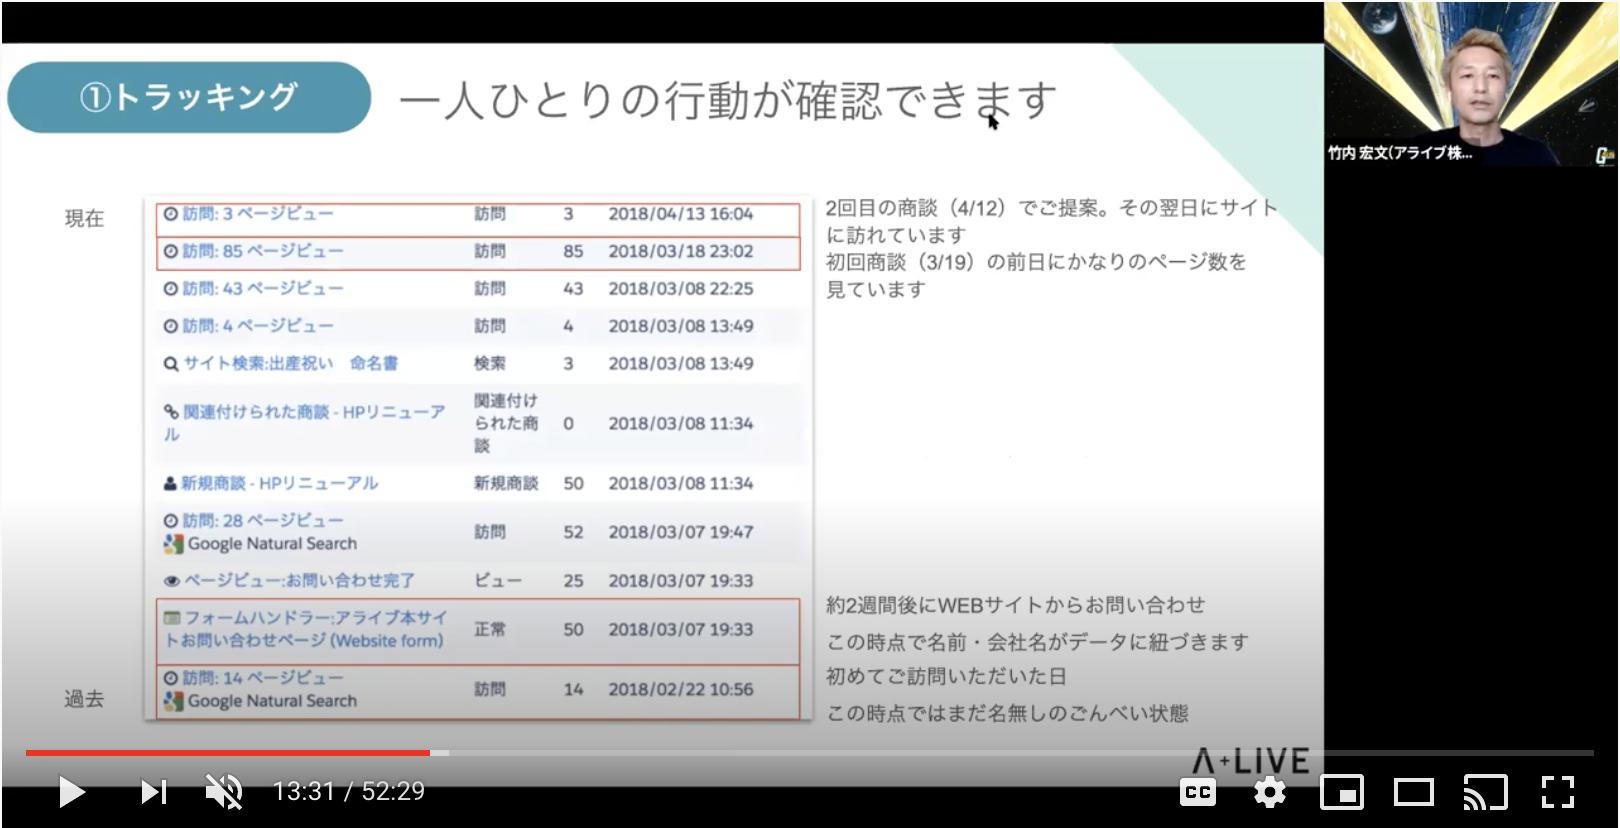 【Webセミナー動画】アライブが実践する、MAツールPardotの基本的な使い方をご紹介します